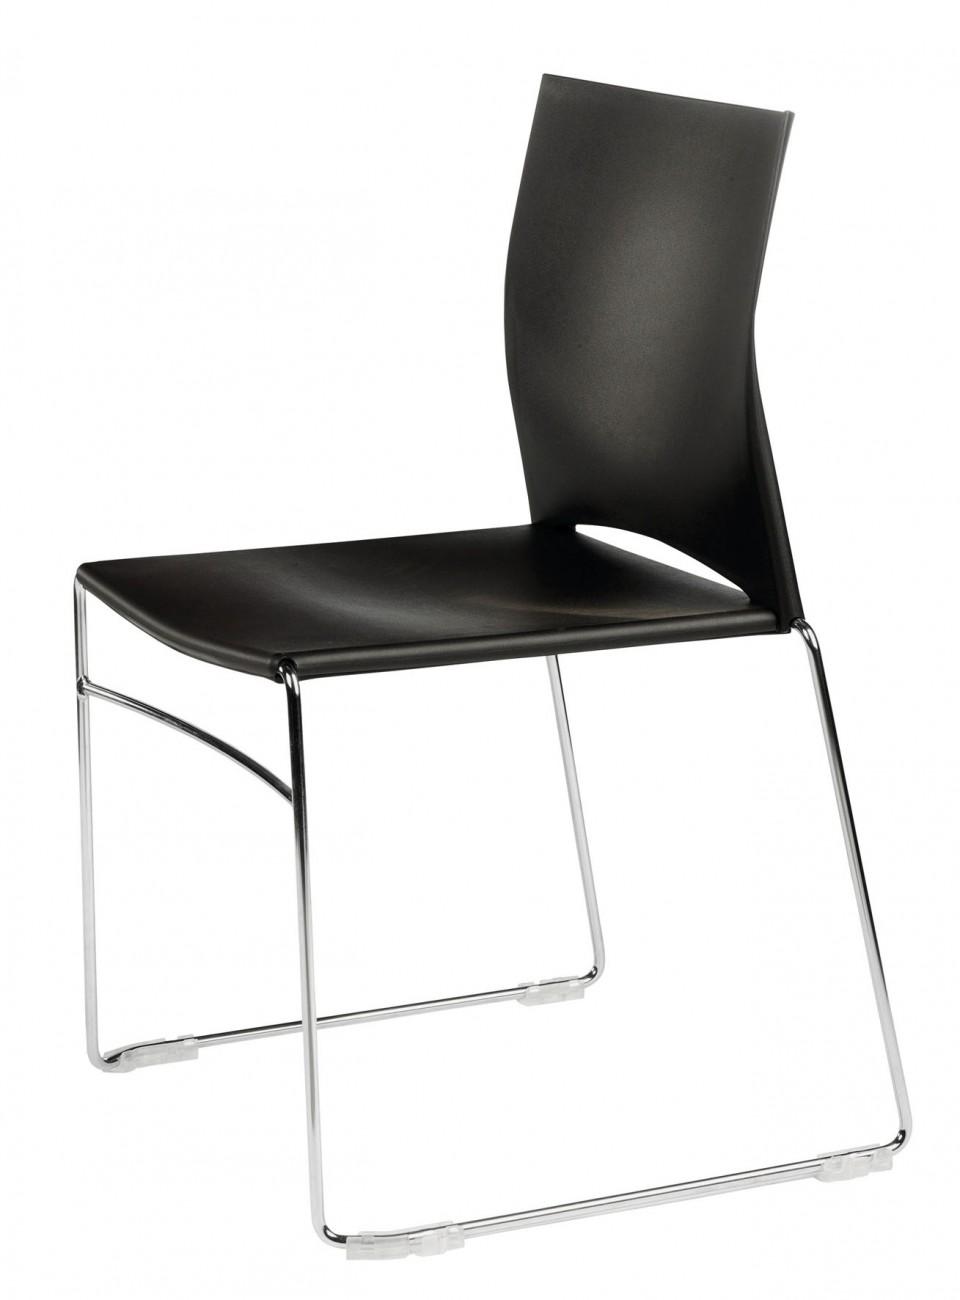 chaise tilto achat fauteuils 76 00. Black Bedroom Furniture Sets. Home Design Ideas